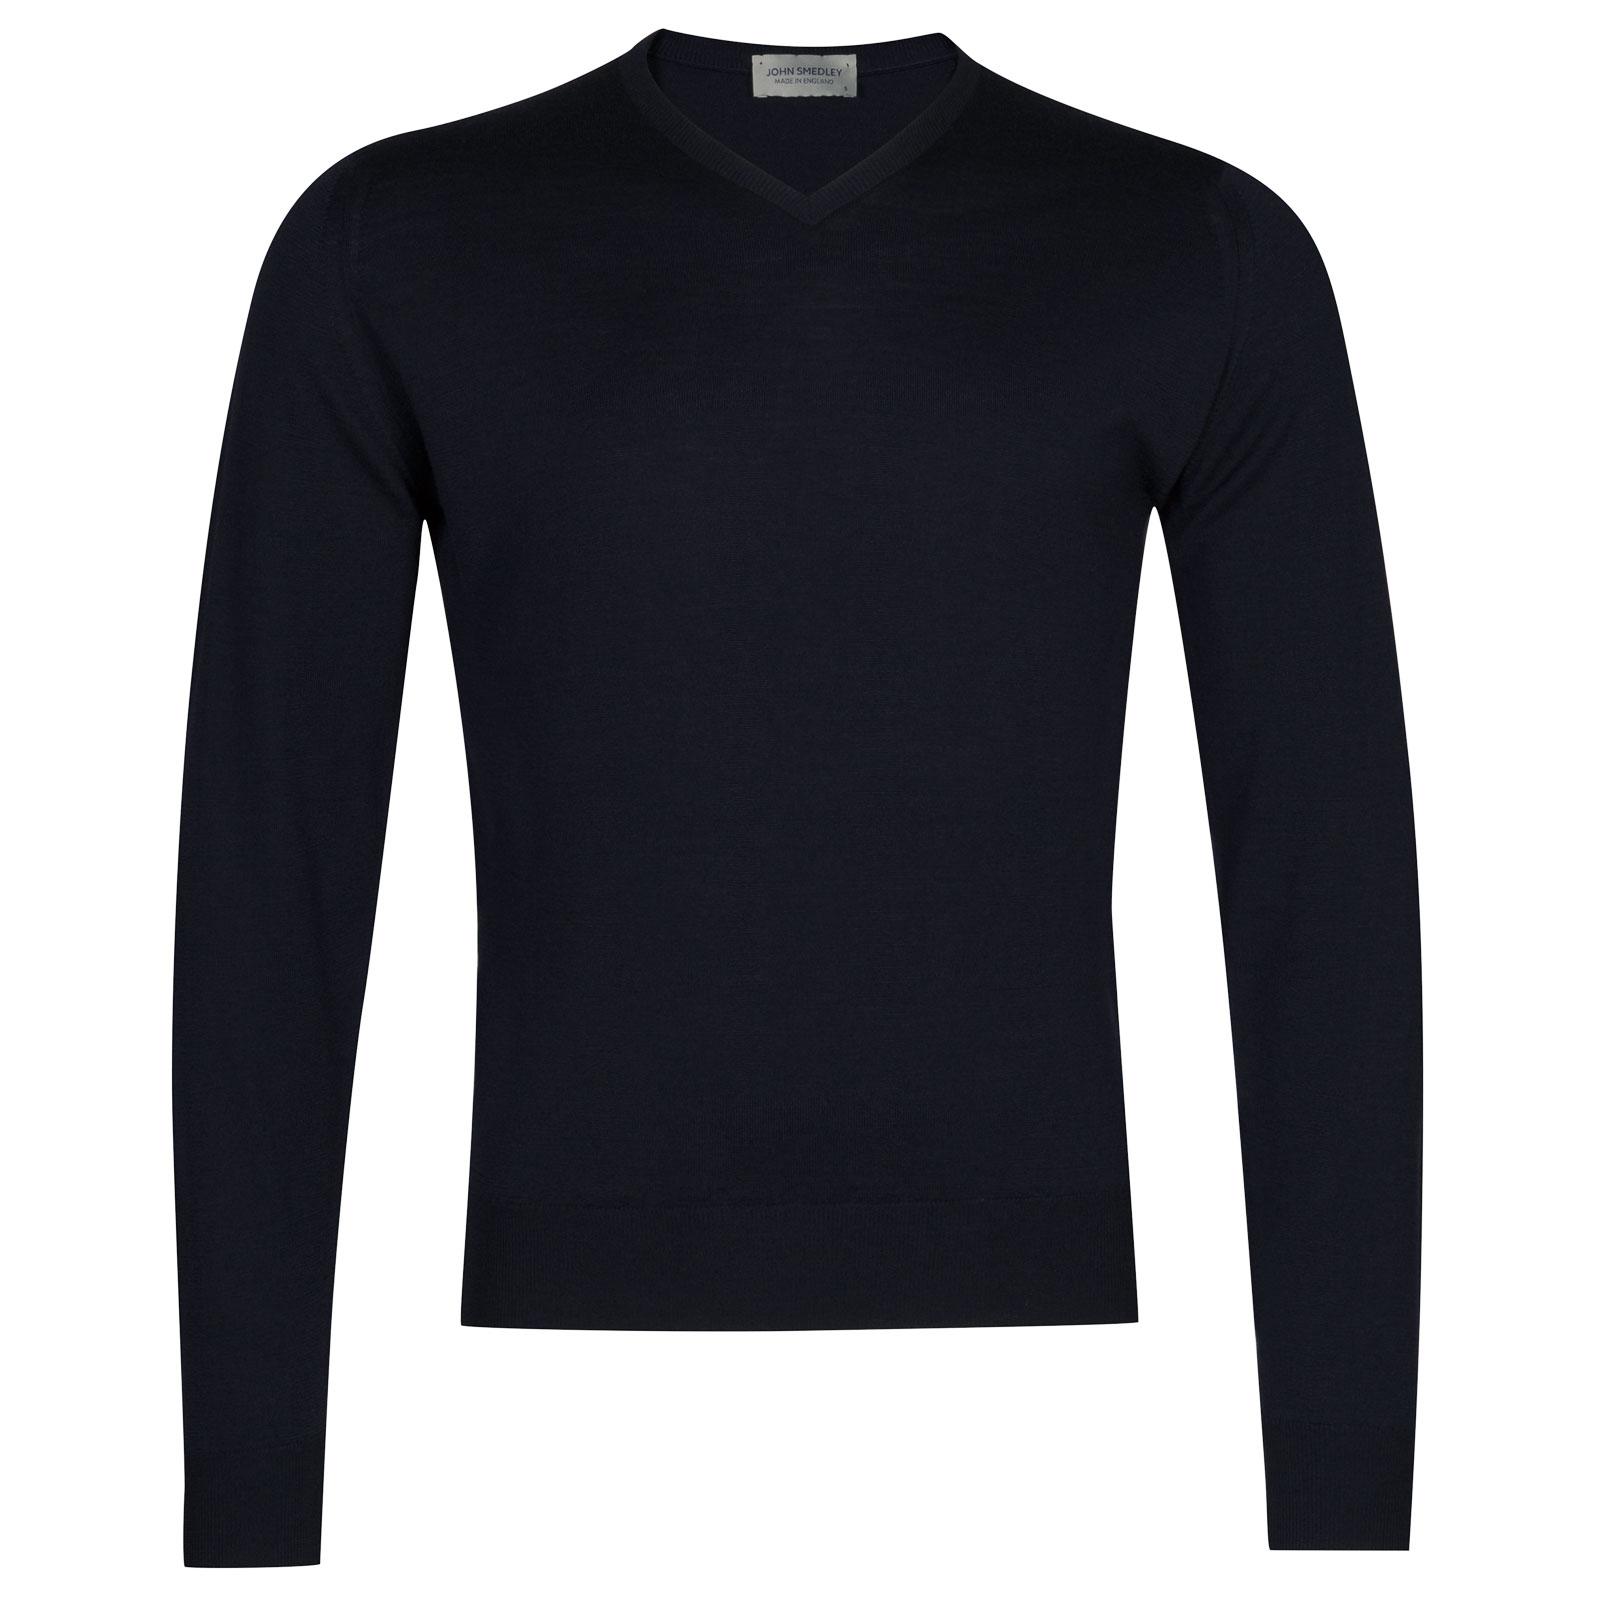 John Smedley Genoa Merino Wool Pullover in Midnight-M